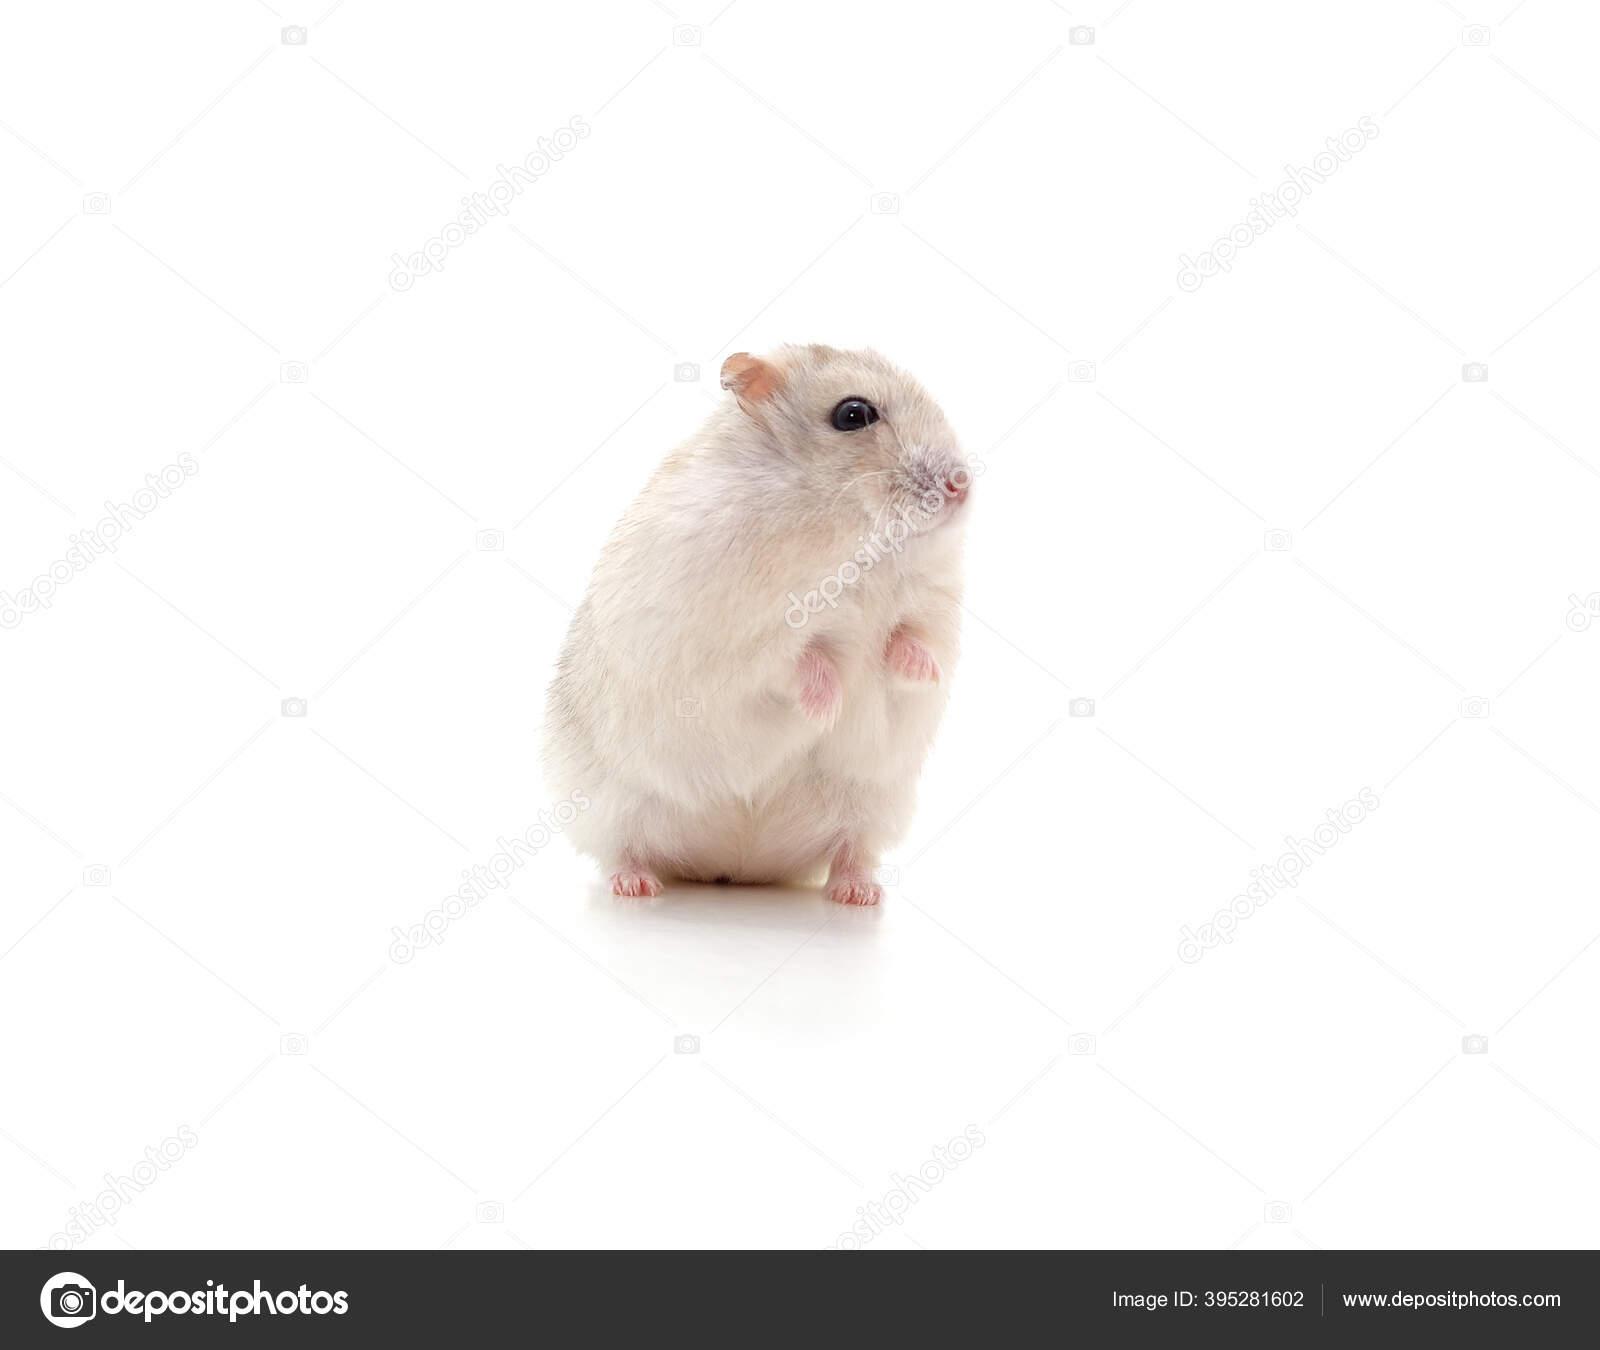 фото белого хомяка на фоне компа апл одним самых известных